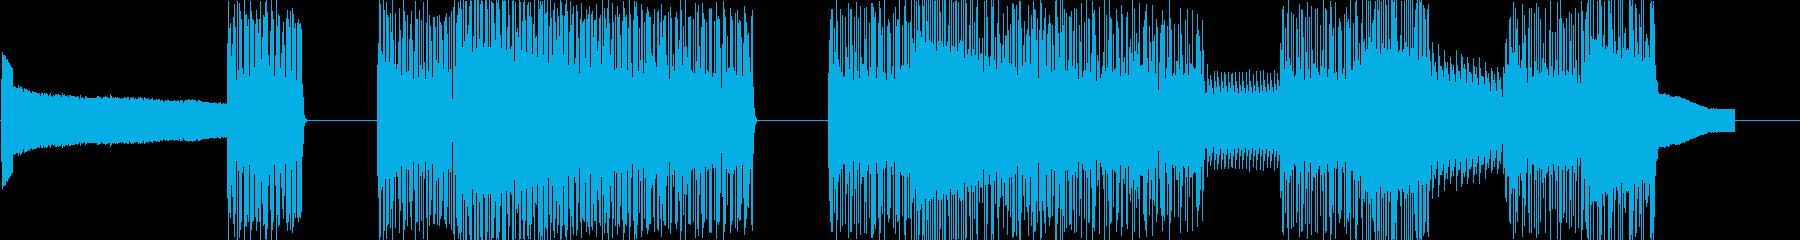 レトロゲームなチップチューンジングル21の再生済みの波形